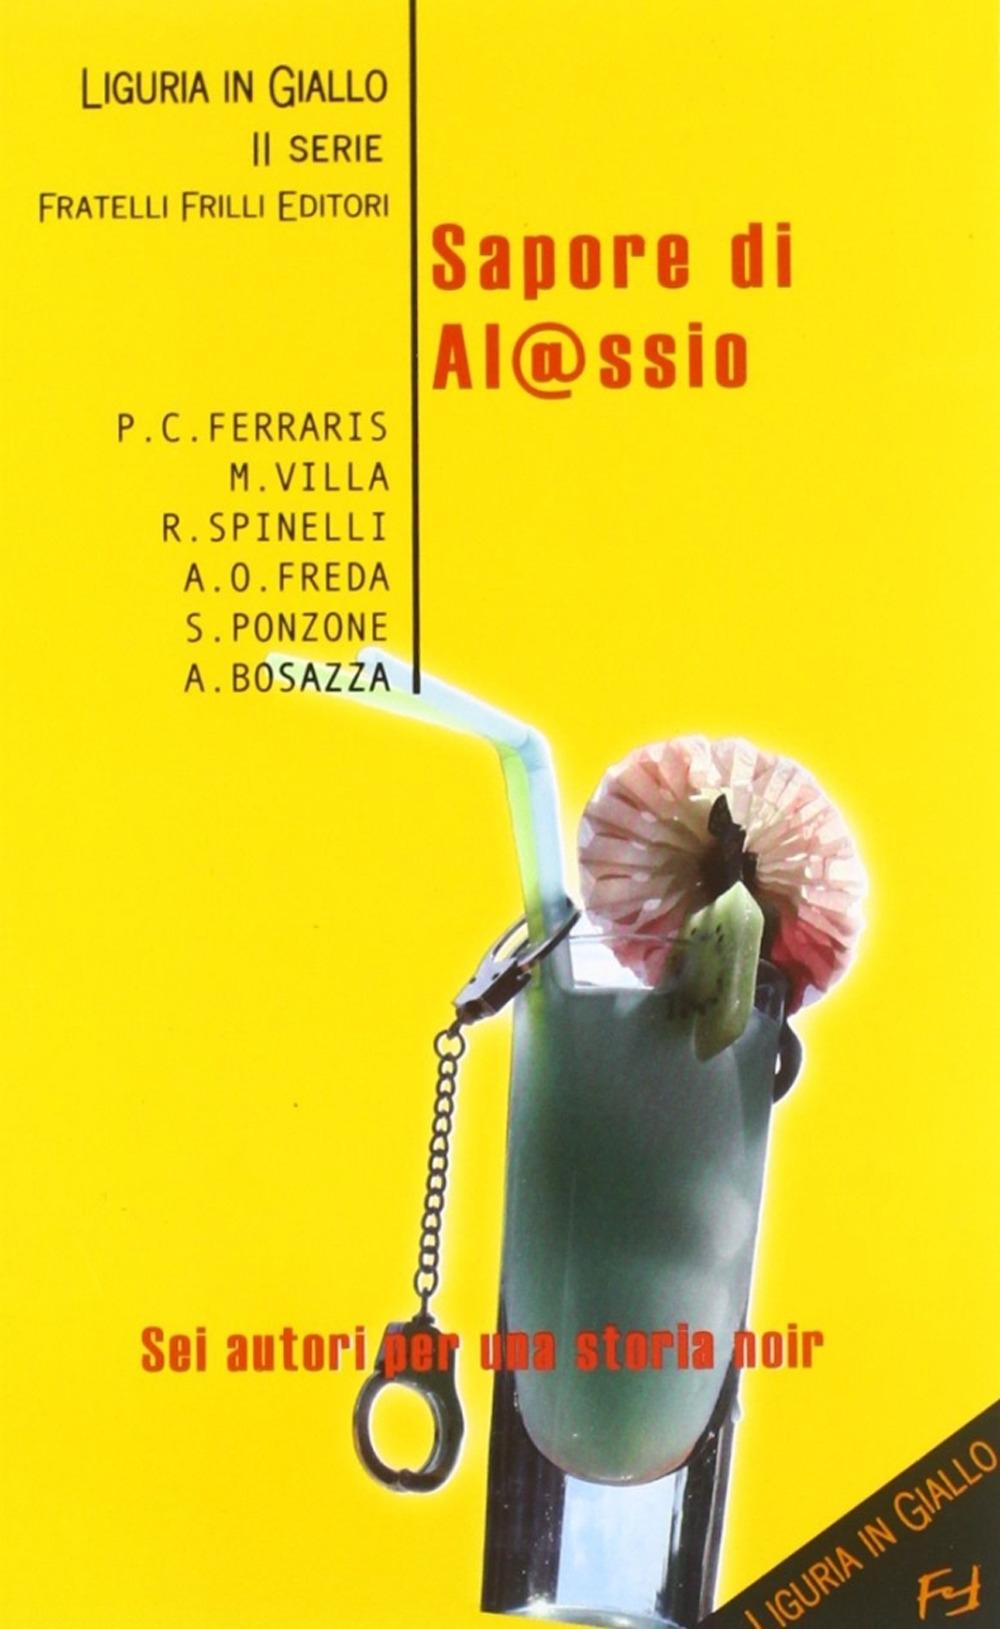 Sapore di Alassio.